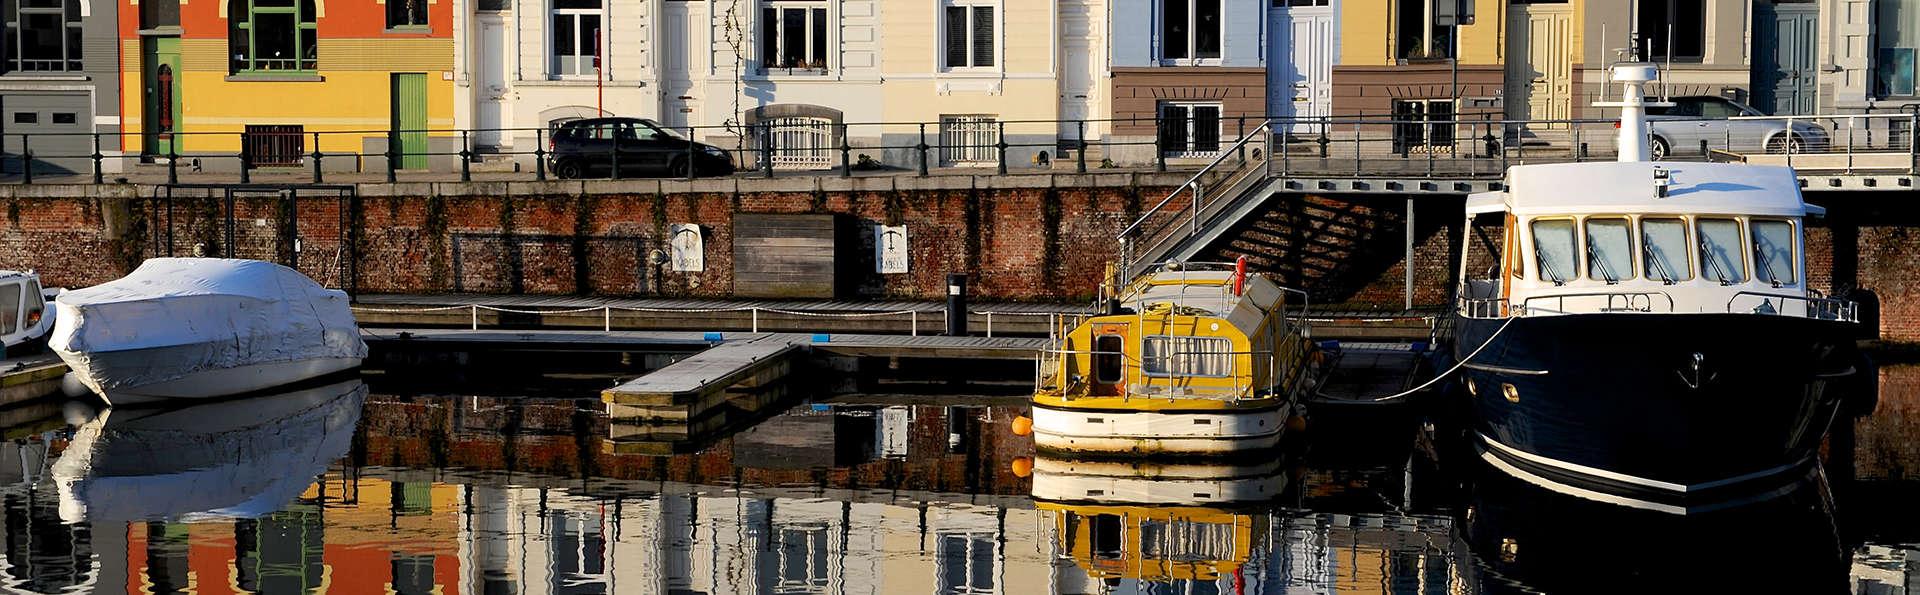 Admirez la belle ville de Gand depuis l'eau